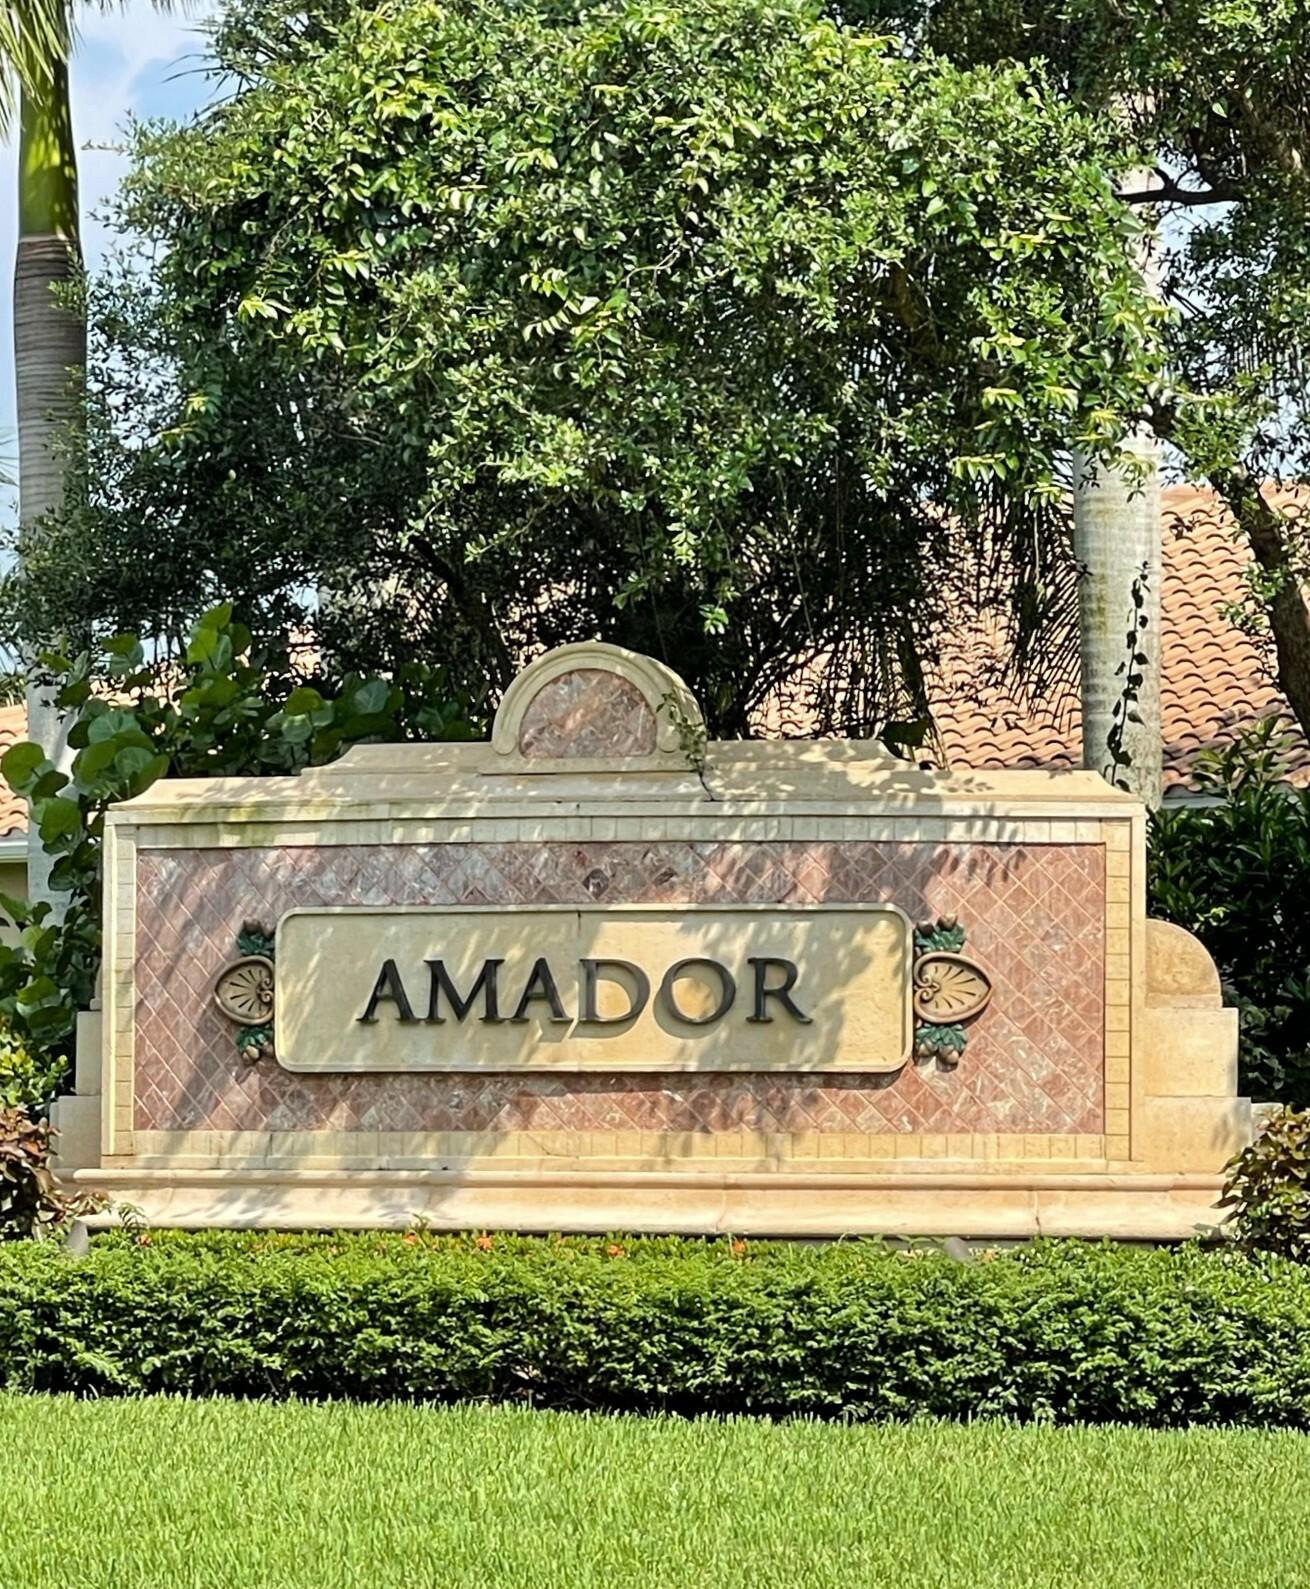 Amador at Fiddler's Creek